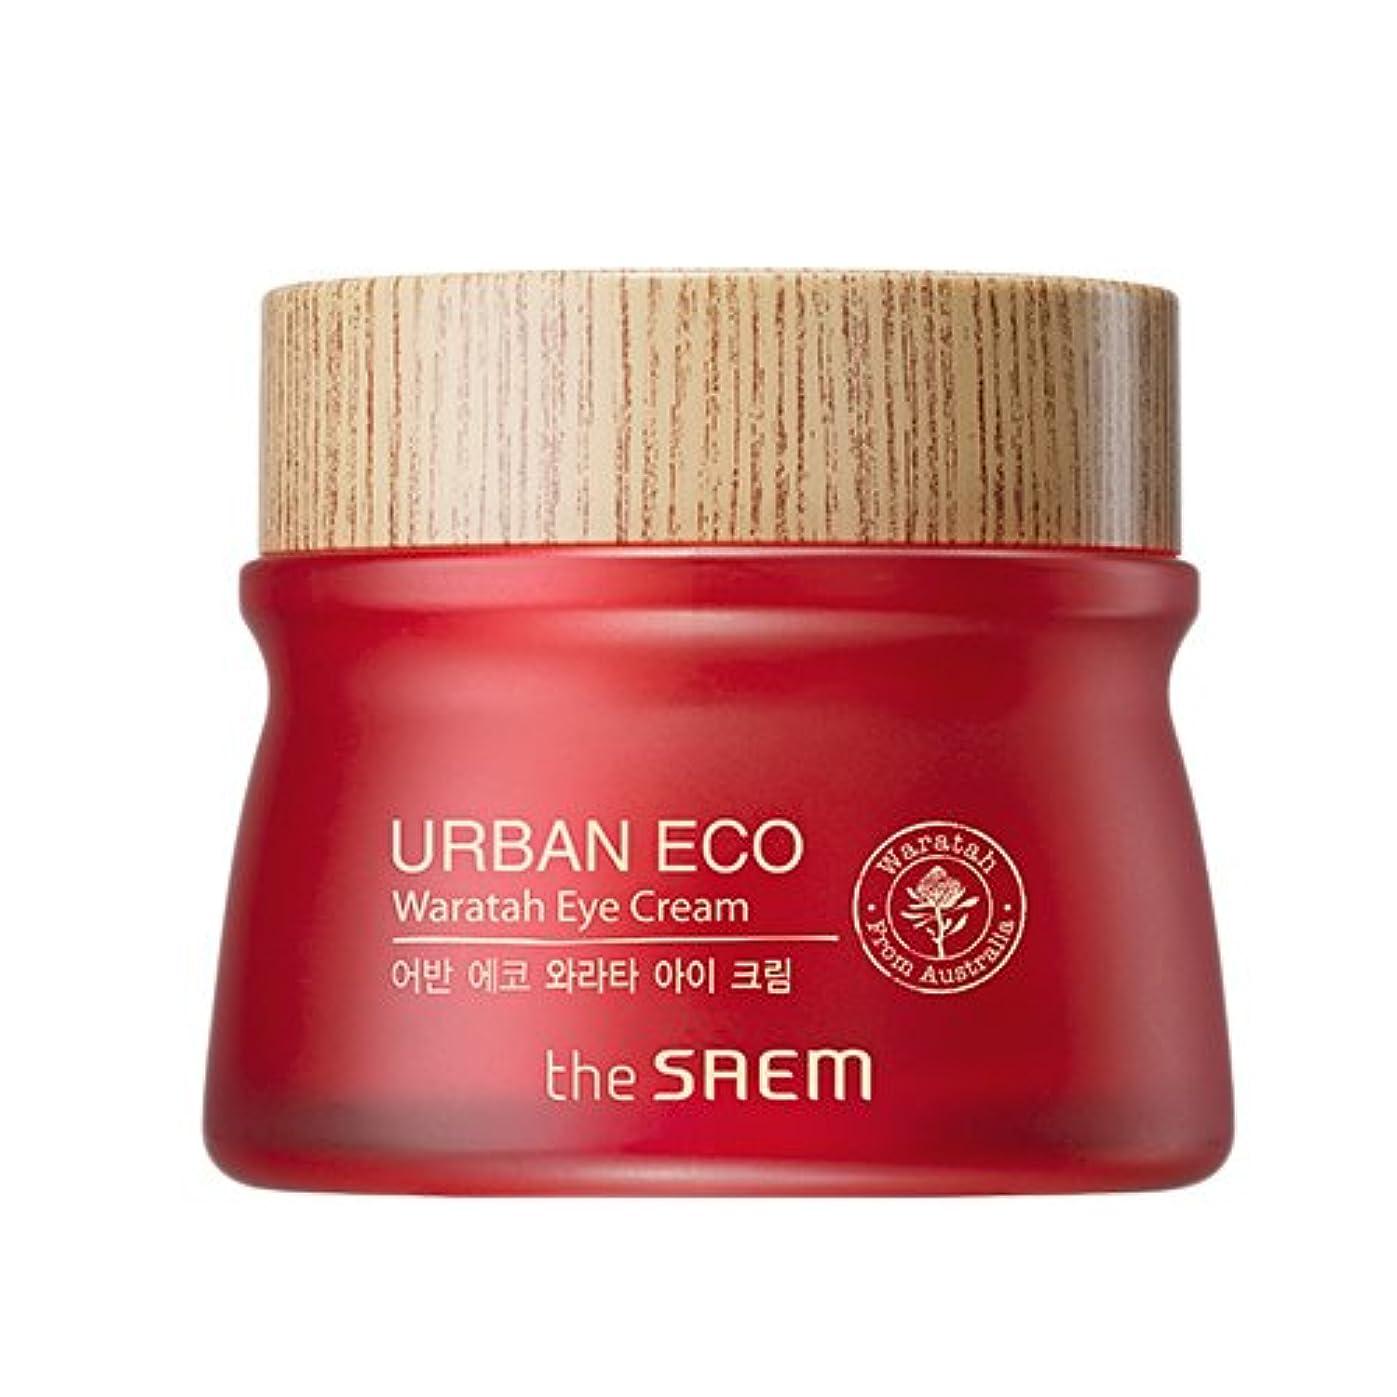 罪楽しい原油ドセム アーバンエコワラターアイクリーム 30ml Urban Eco Waratah Eye Cream [並行輸入品]